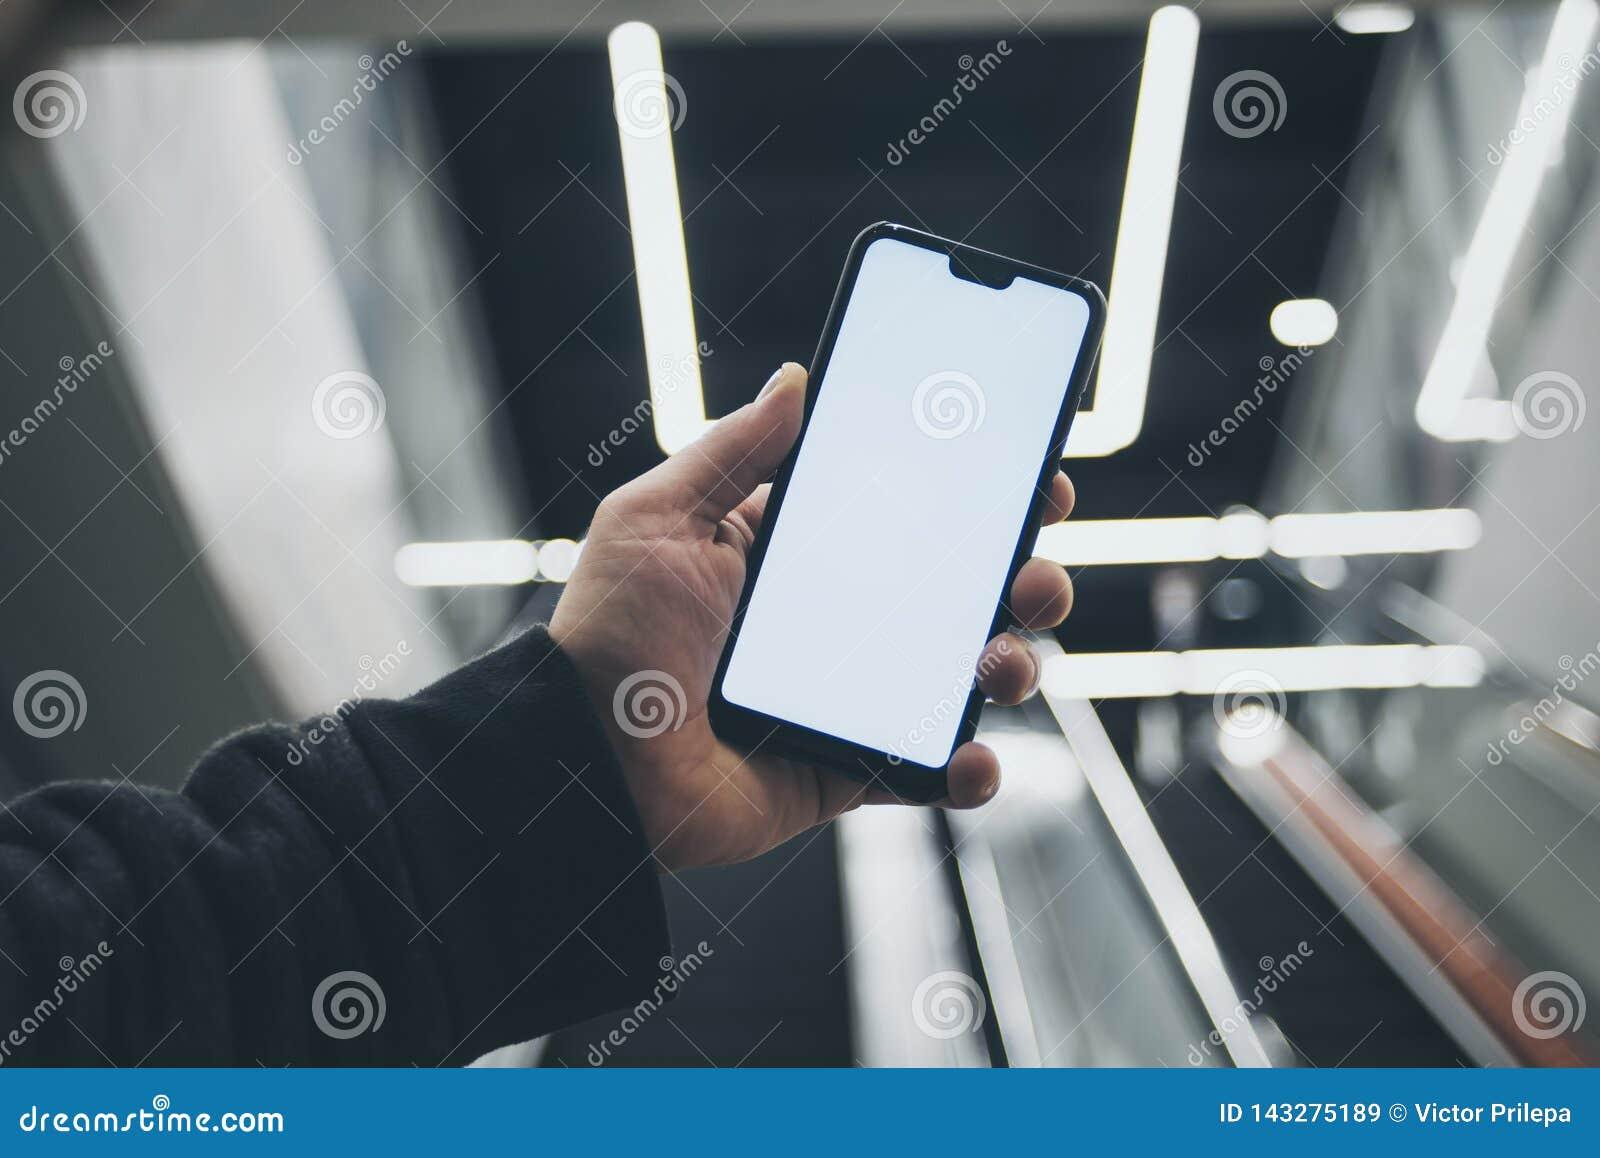 Spot omhoog van een smartphone ter beschikking, op de achtergrond van een roltrap in een winkelcentrum en lichtgevende lampen